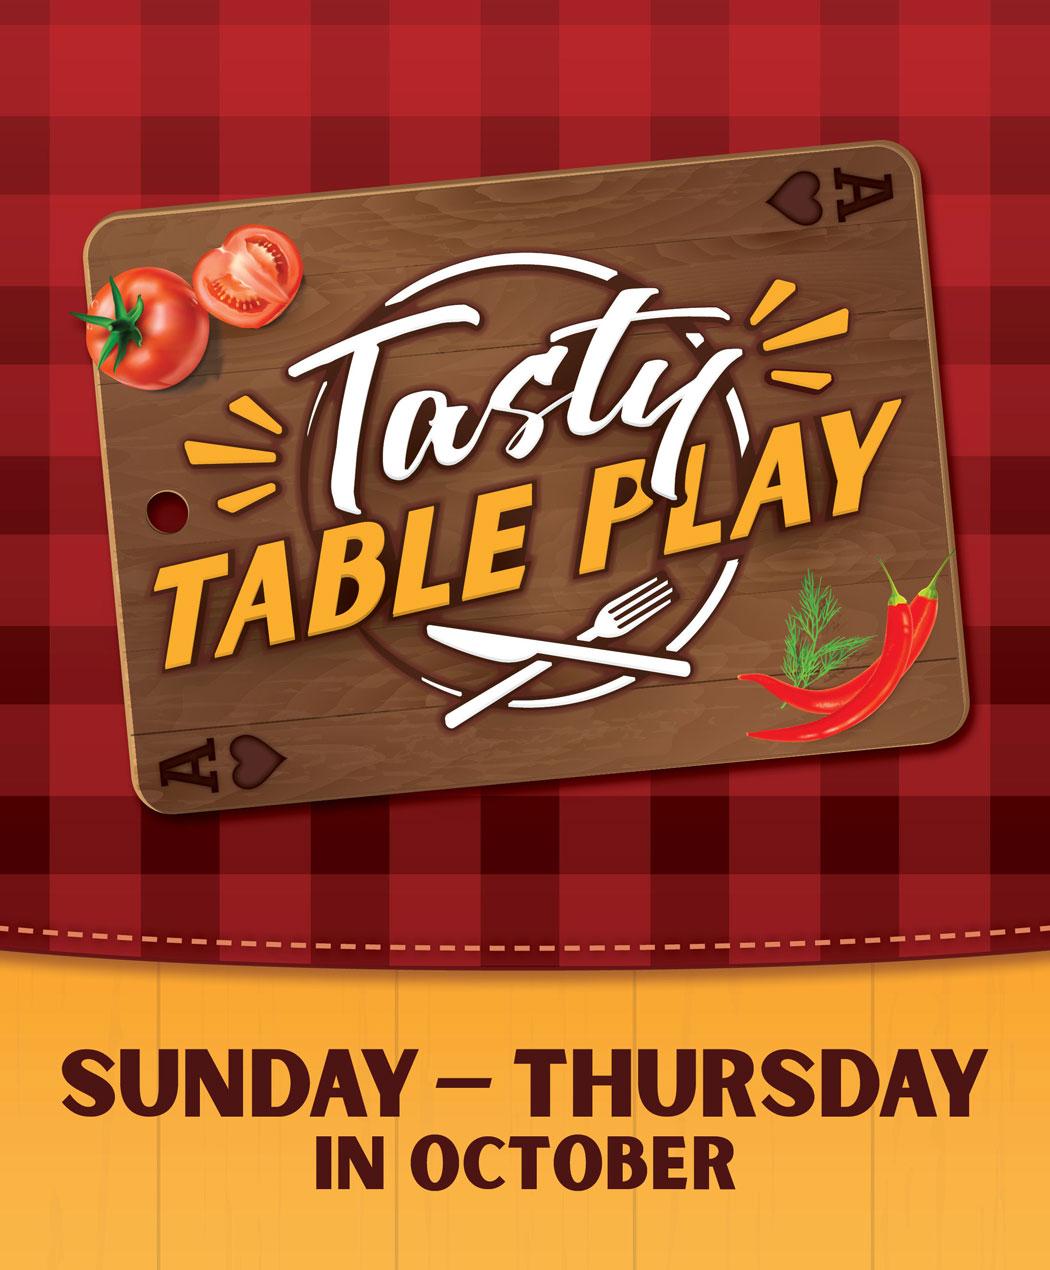 Tasty Table Play